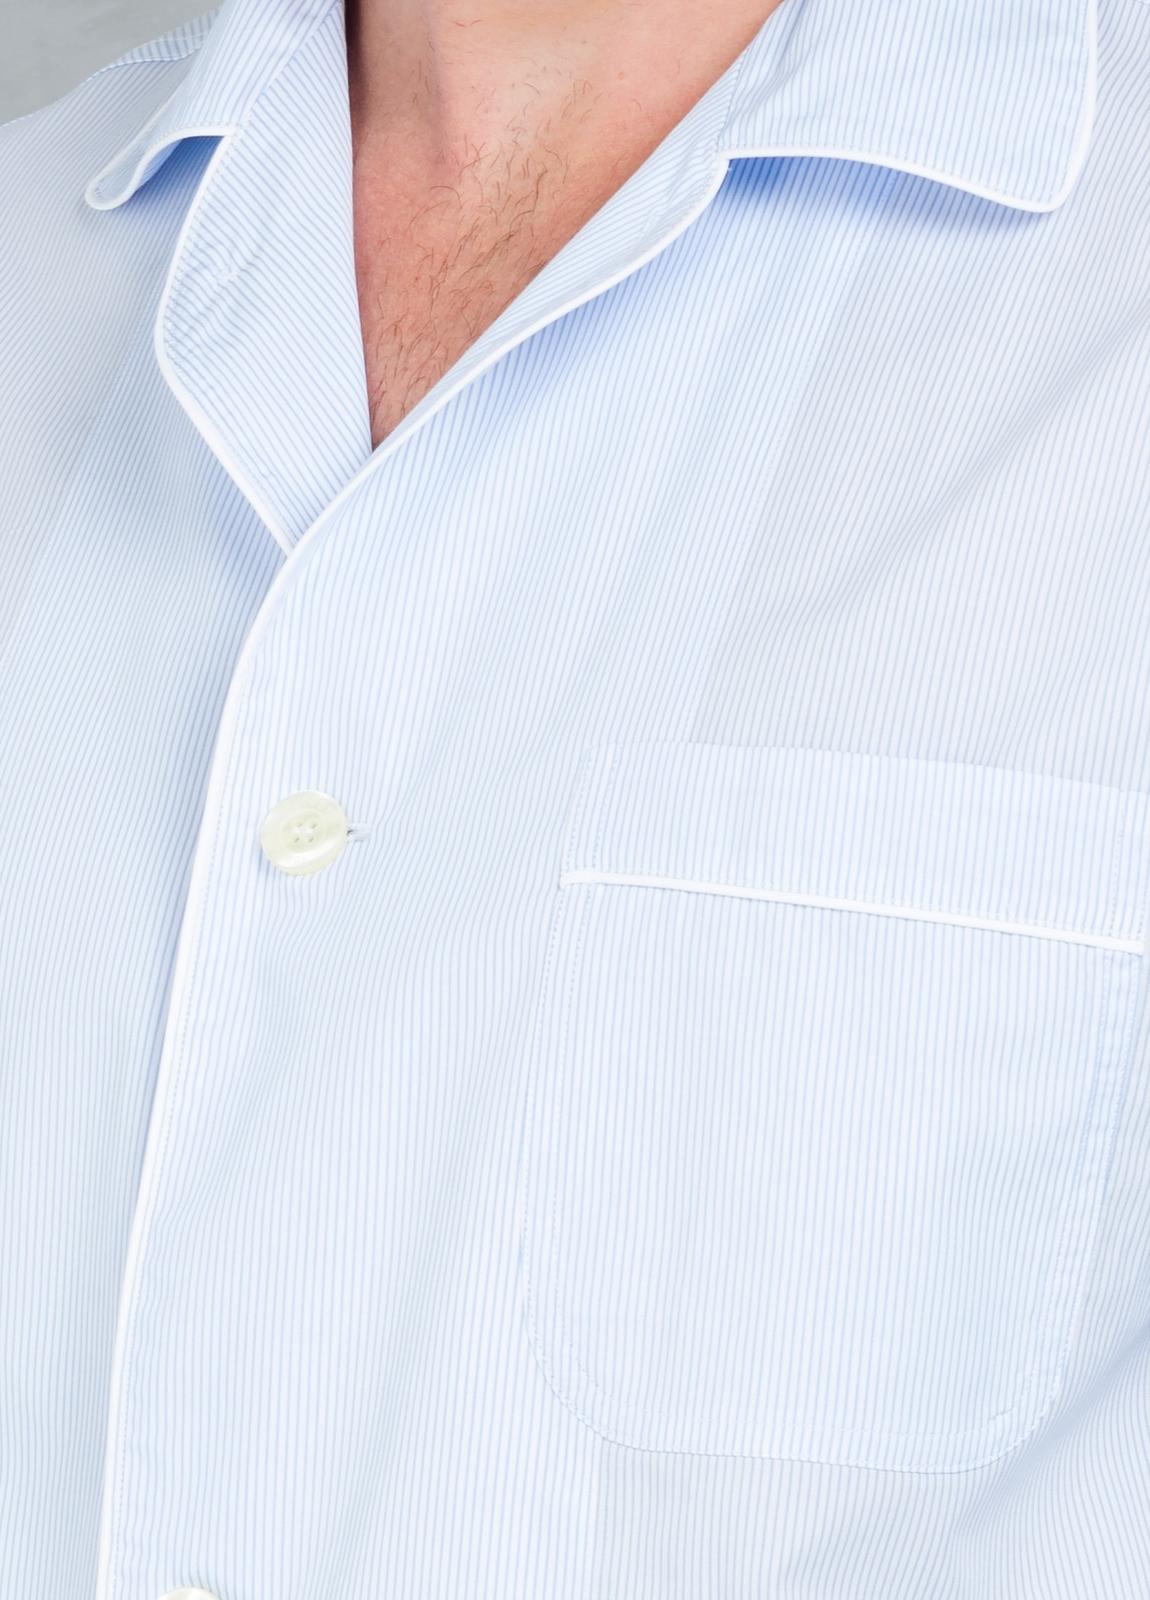 Pijama LARGO dos piezas, pantalón largo con cinta no elástica y funda incluida color celeste con micro rayas , 100% Algodón. - Ítem3